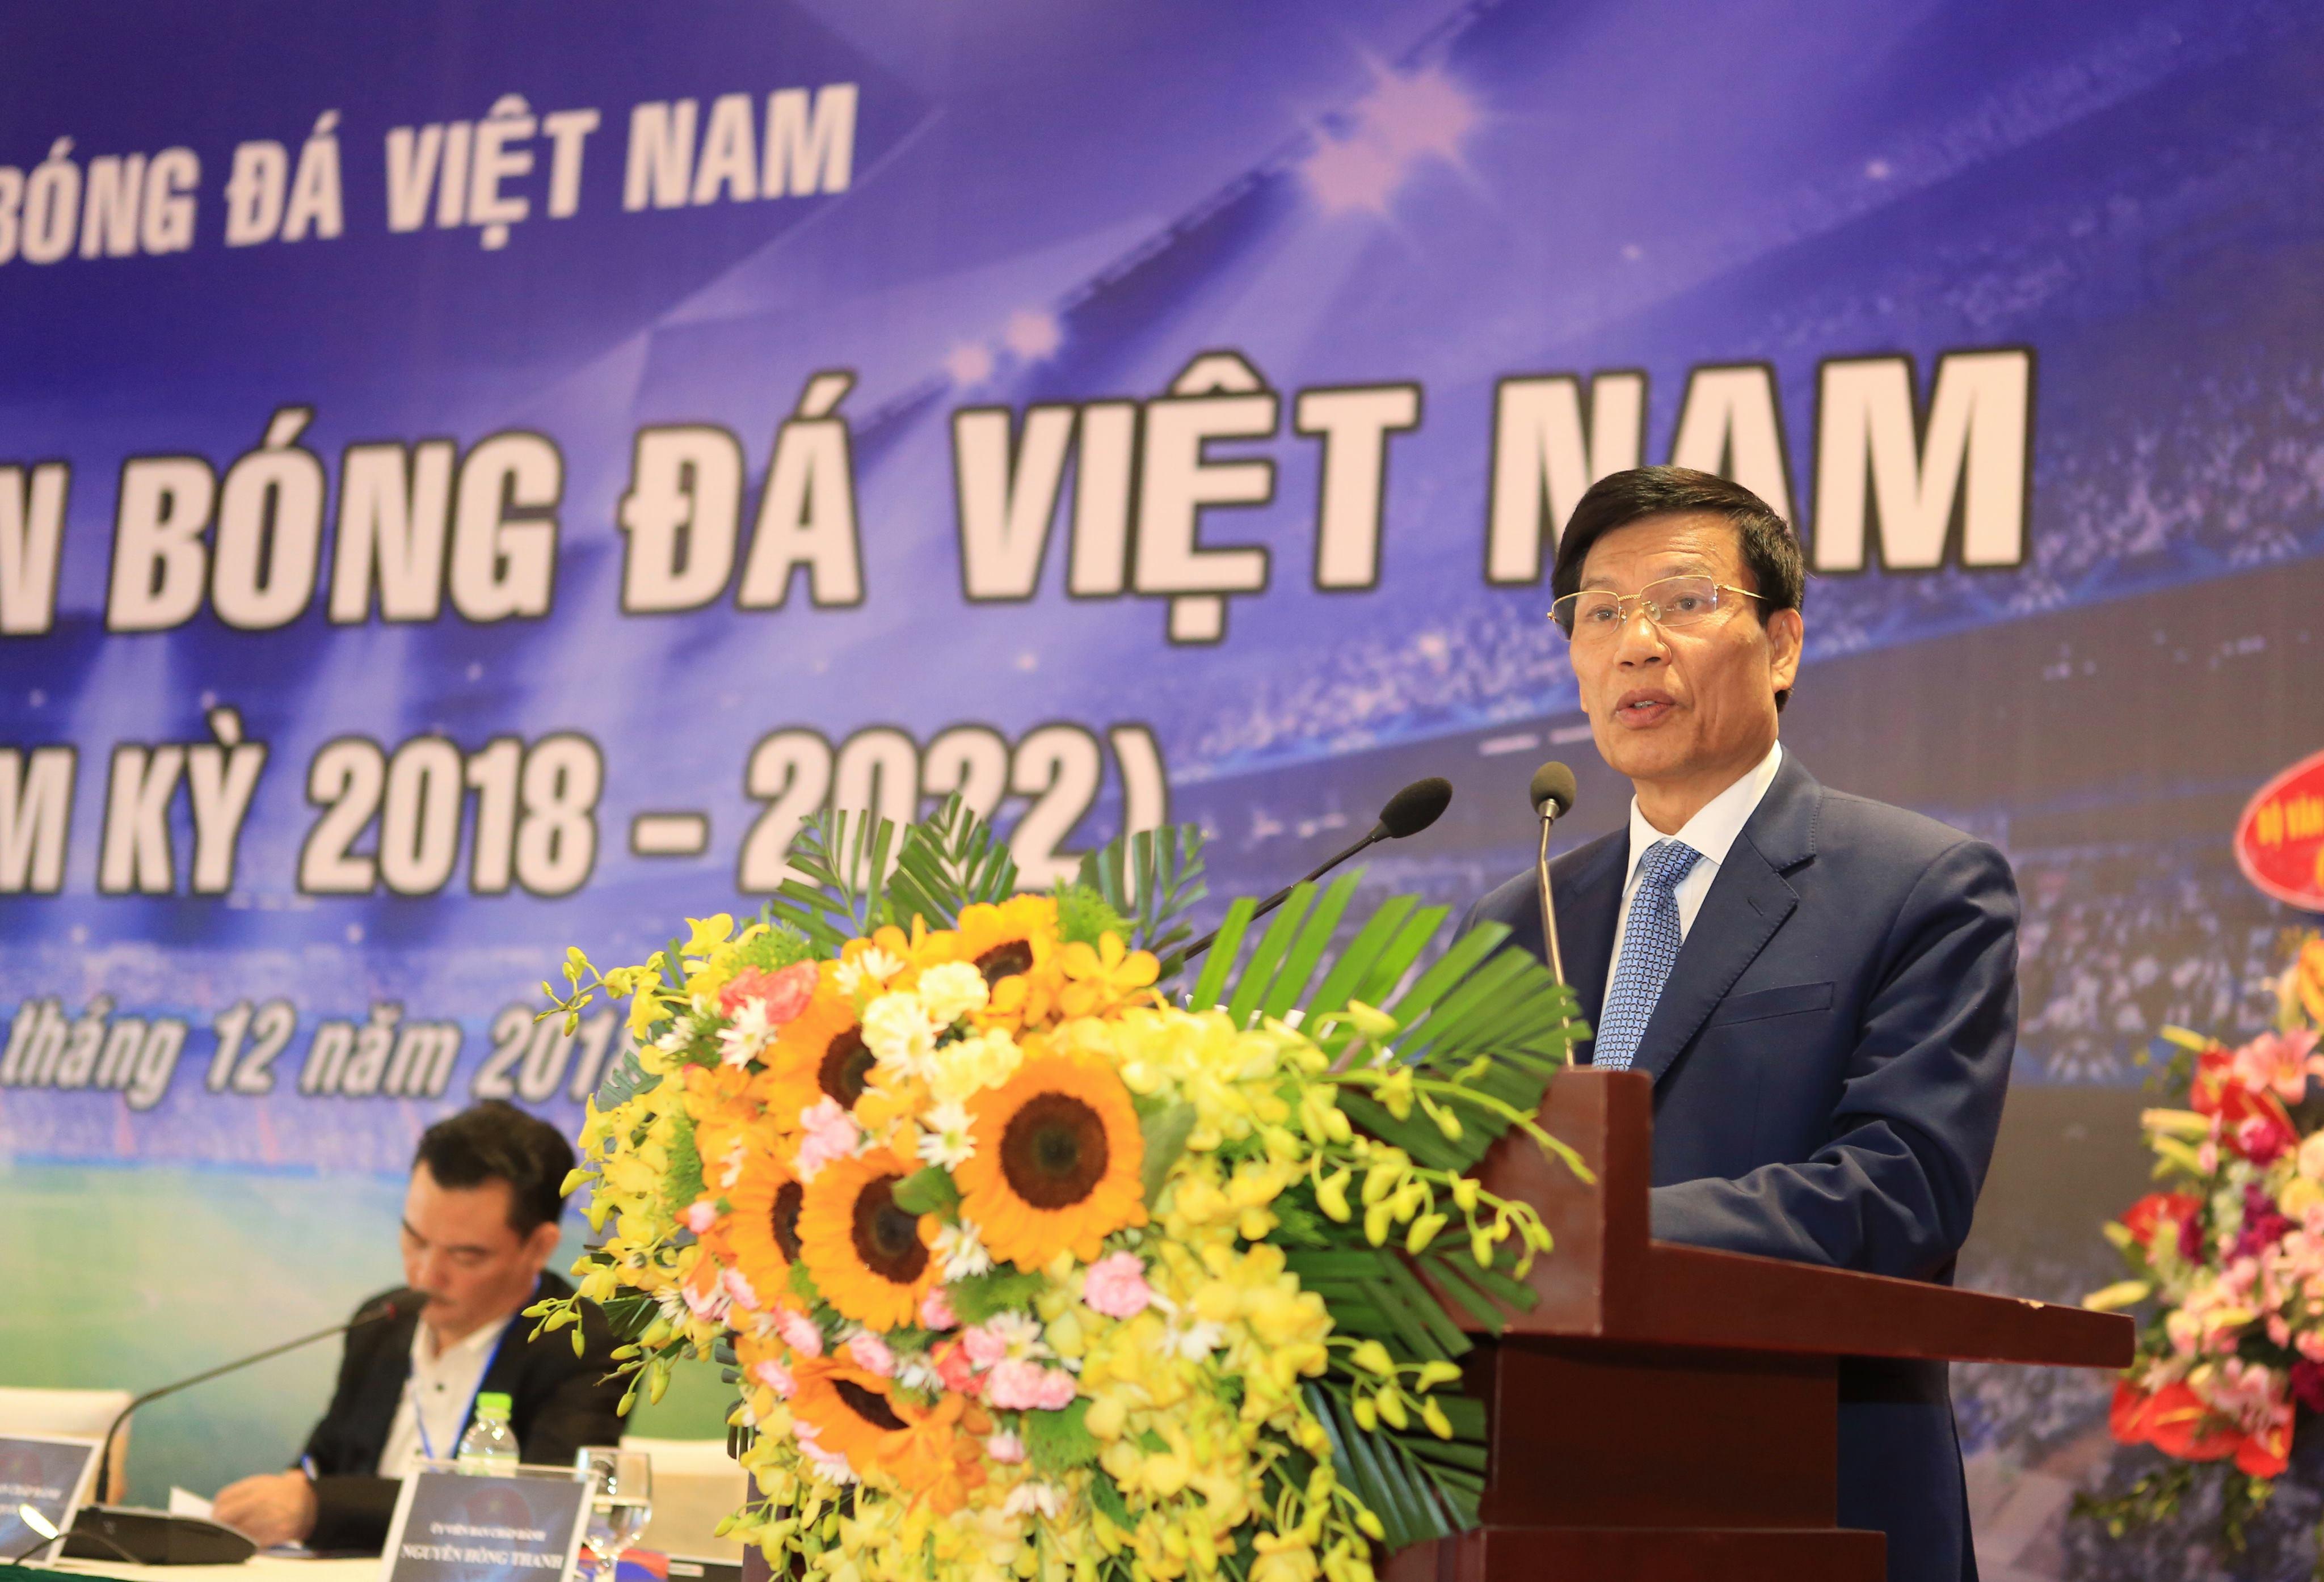 Bộ trưởng Nguyễn Ngọc Thiện đánh giá cao kết quả đạt được của LĐBĐVN khoá VII